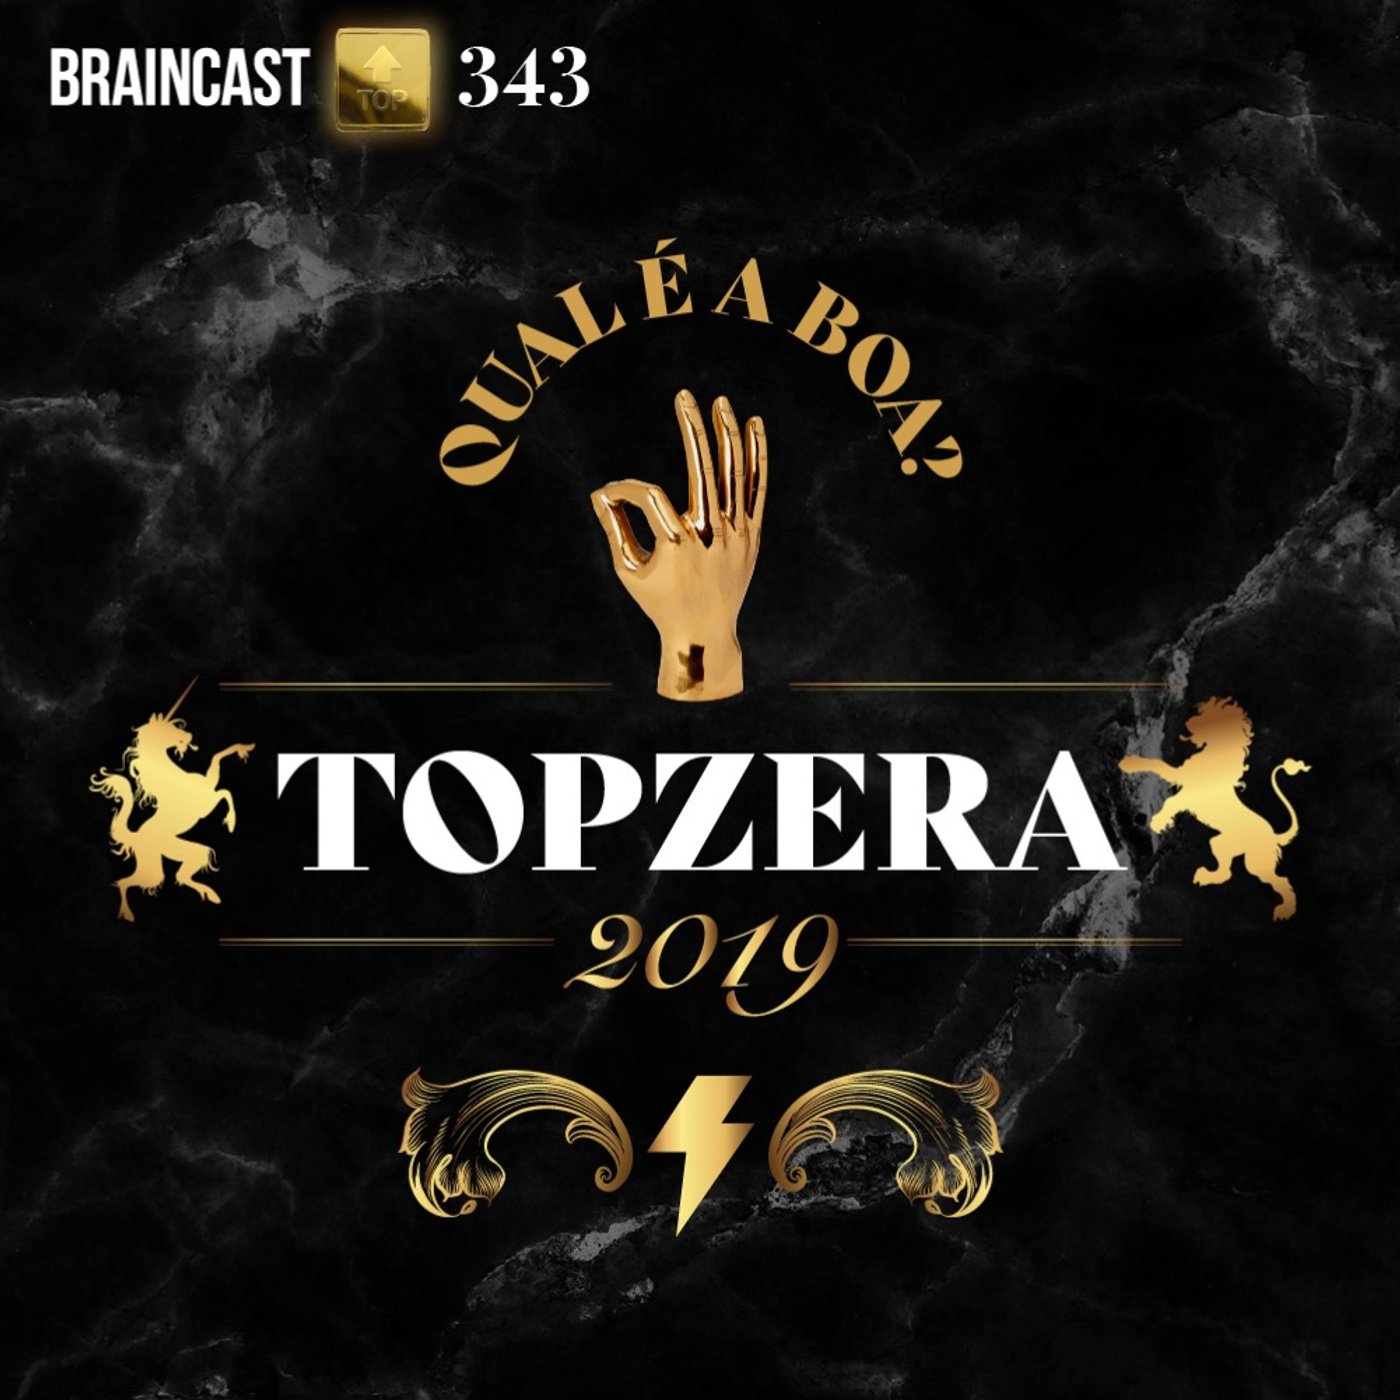 Topzera 2019